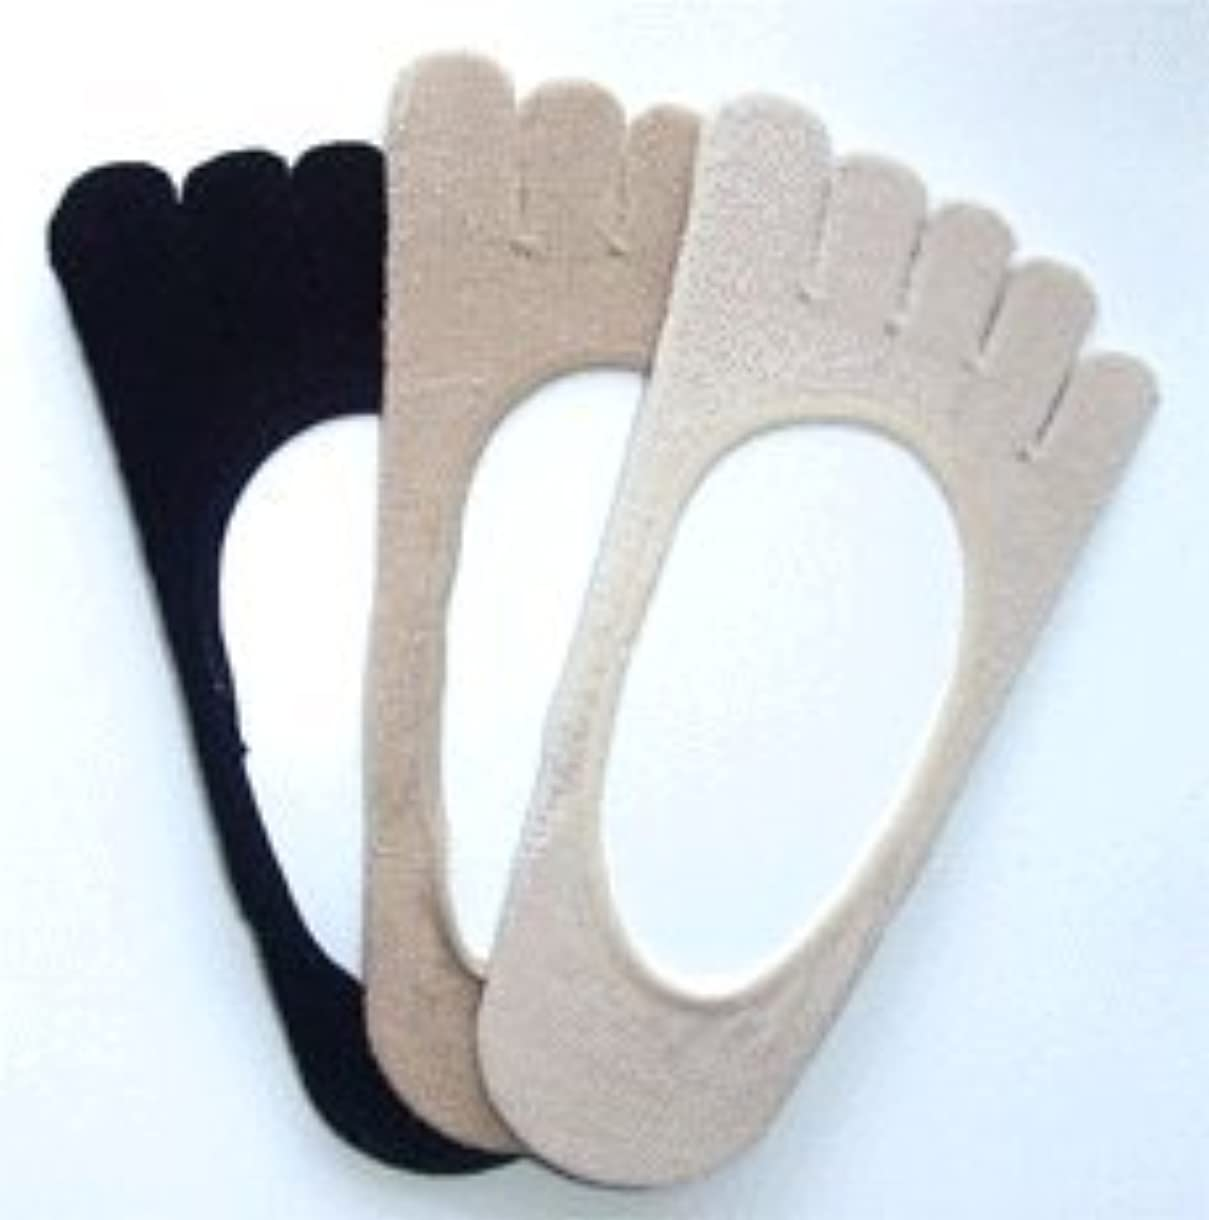 ラリーベルモント批判的に広告主日本製 シルク五本指 フットカバー パンプスインソックス 3足組(ベージュ系2足、黒色1足)